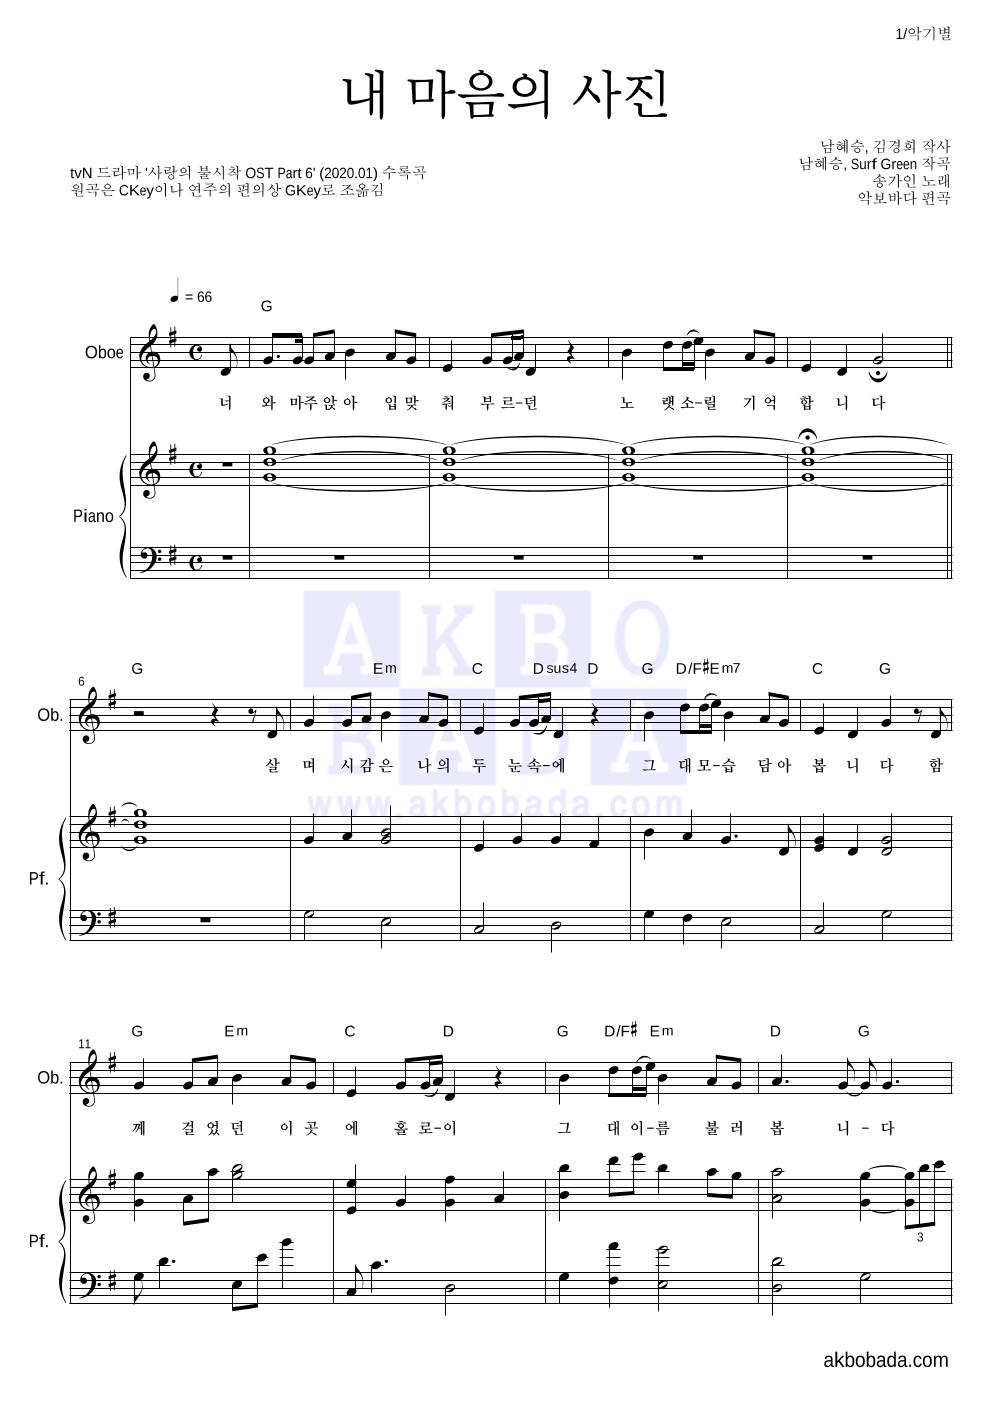 송가인 - 내 마음의 사진 오보에&피아노 악보